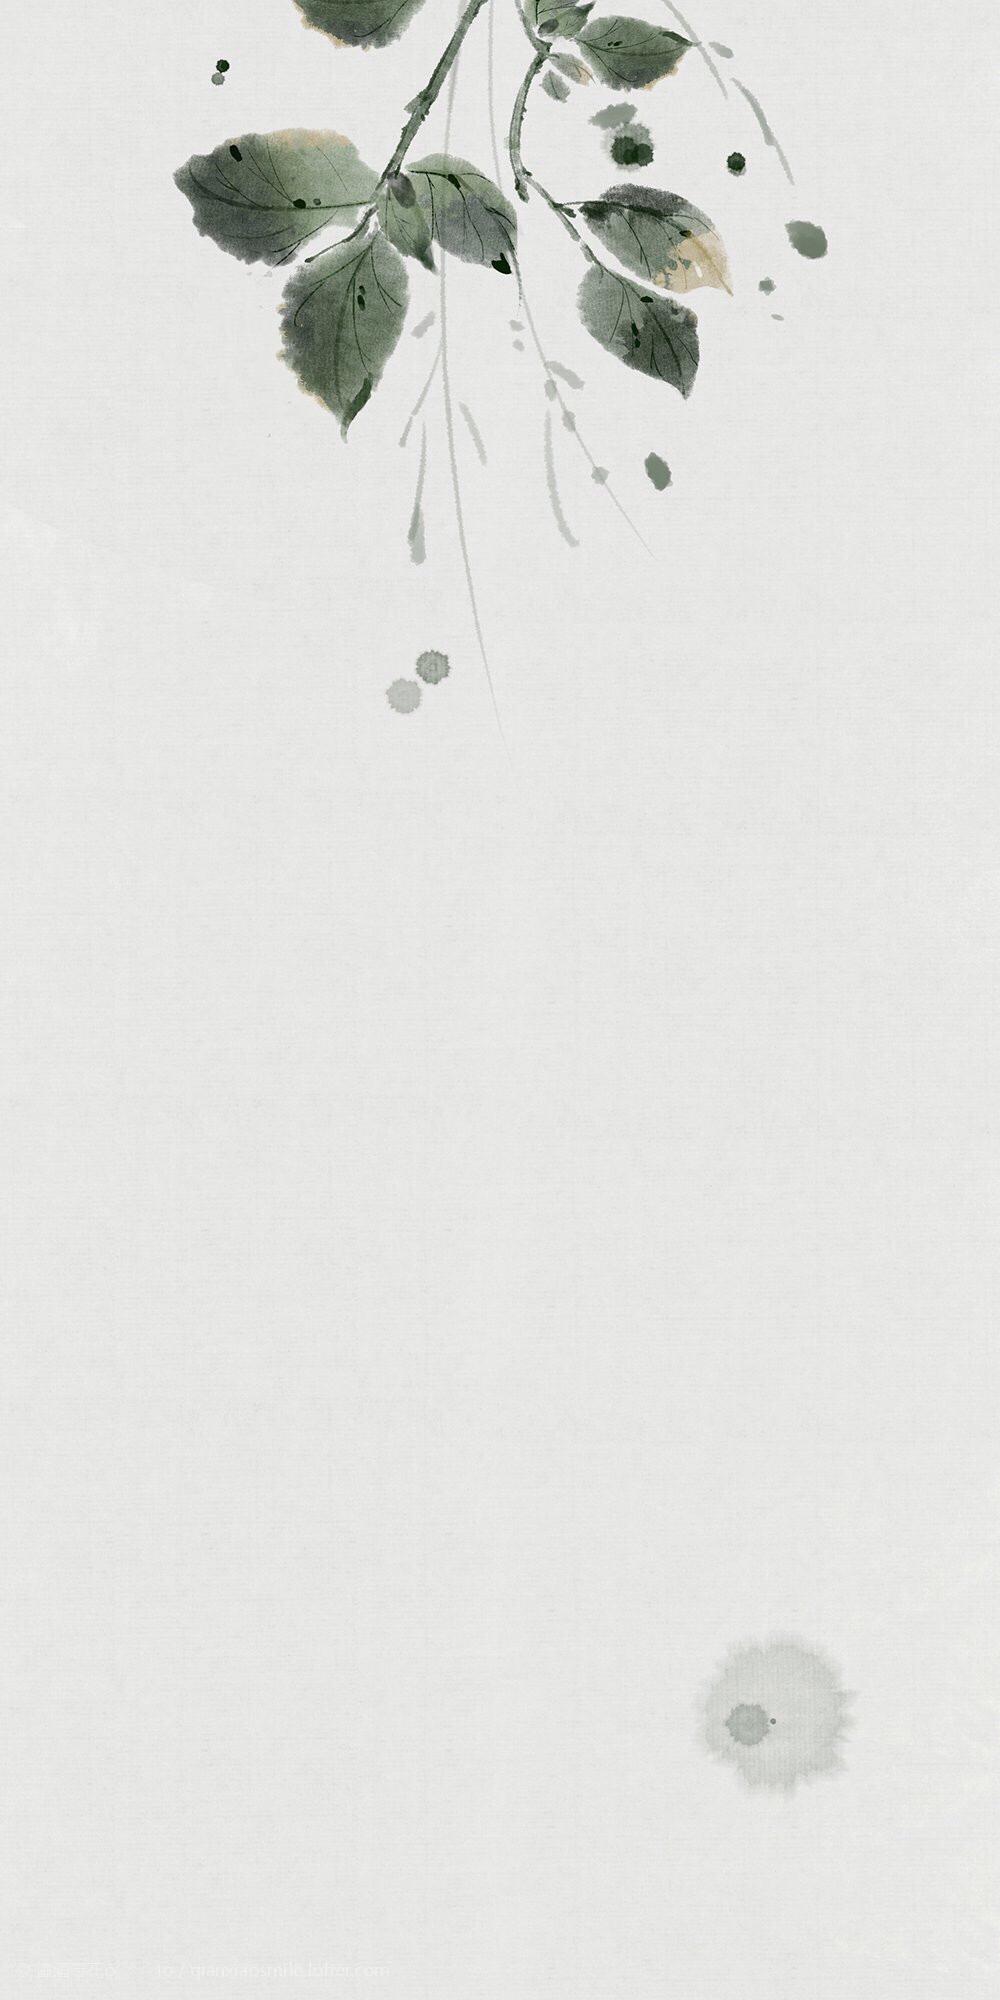 天蝎的代表是猫,像猫一样天生拥有戒备心,领地意识很强